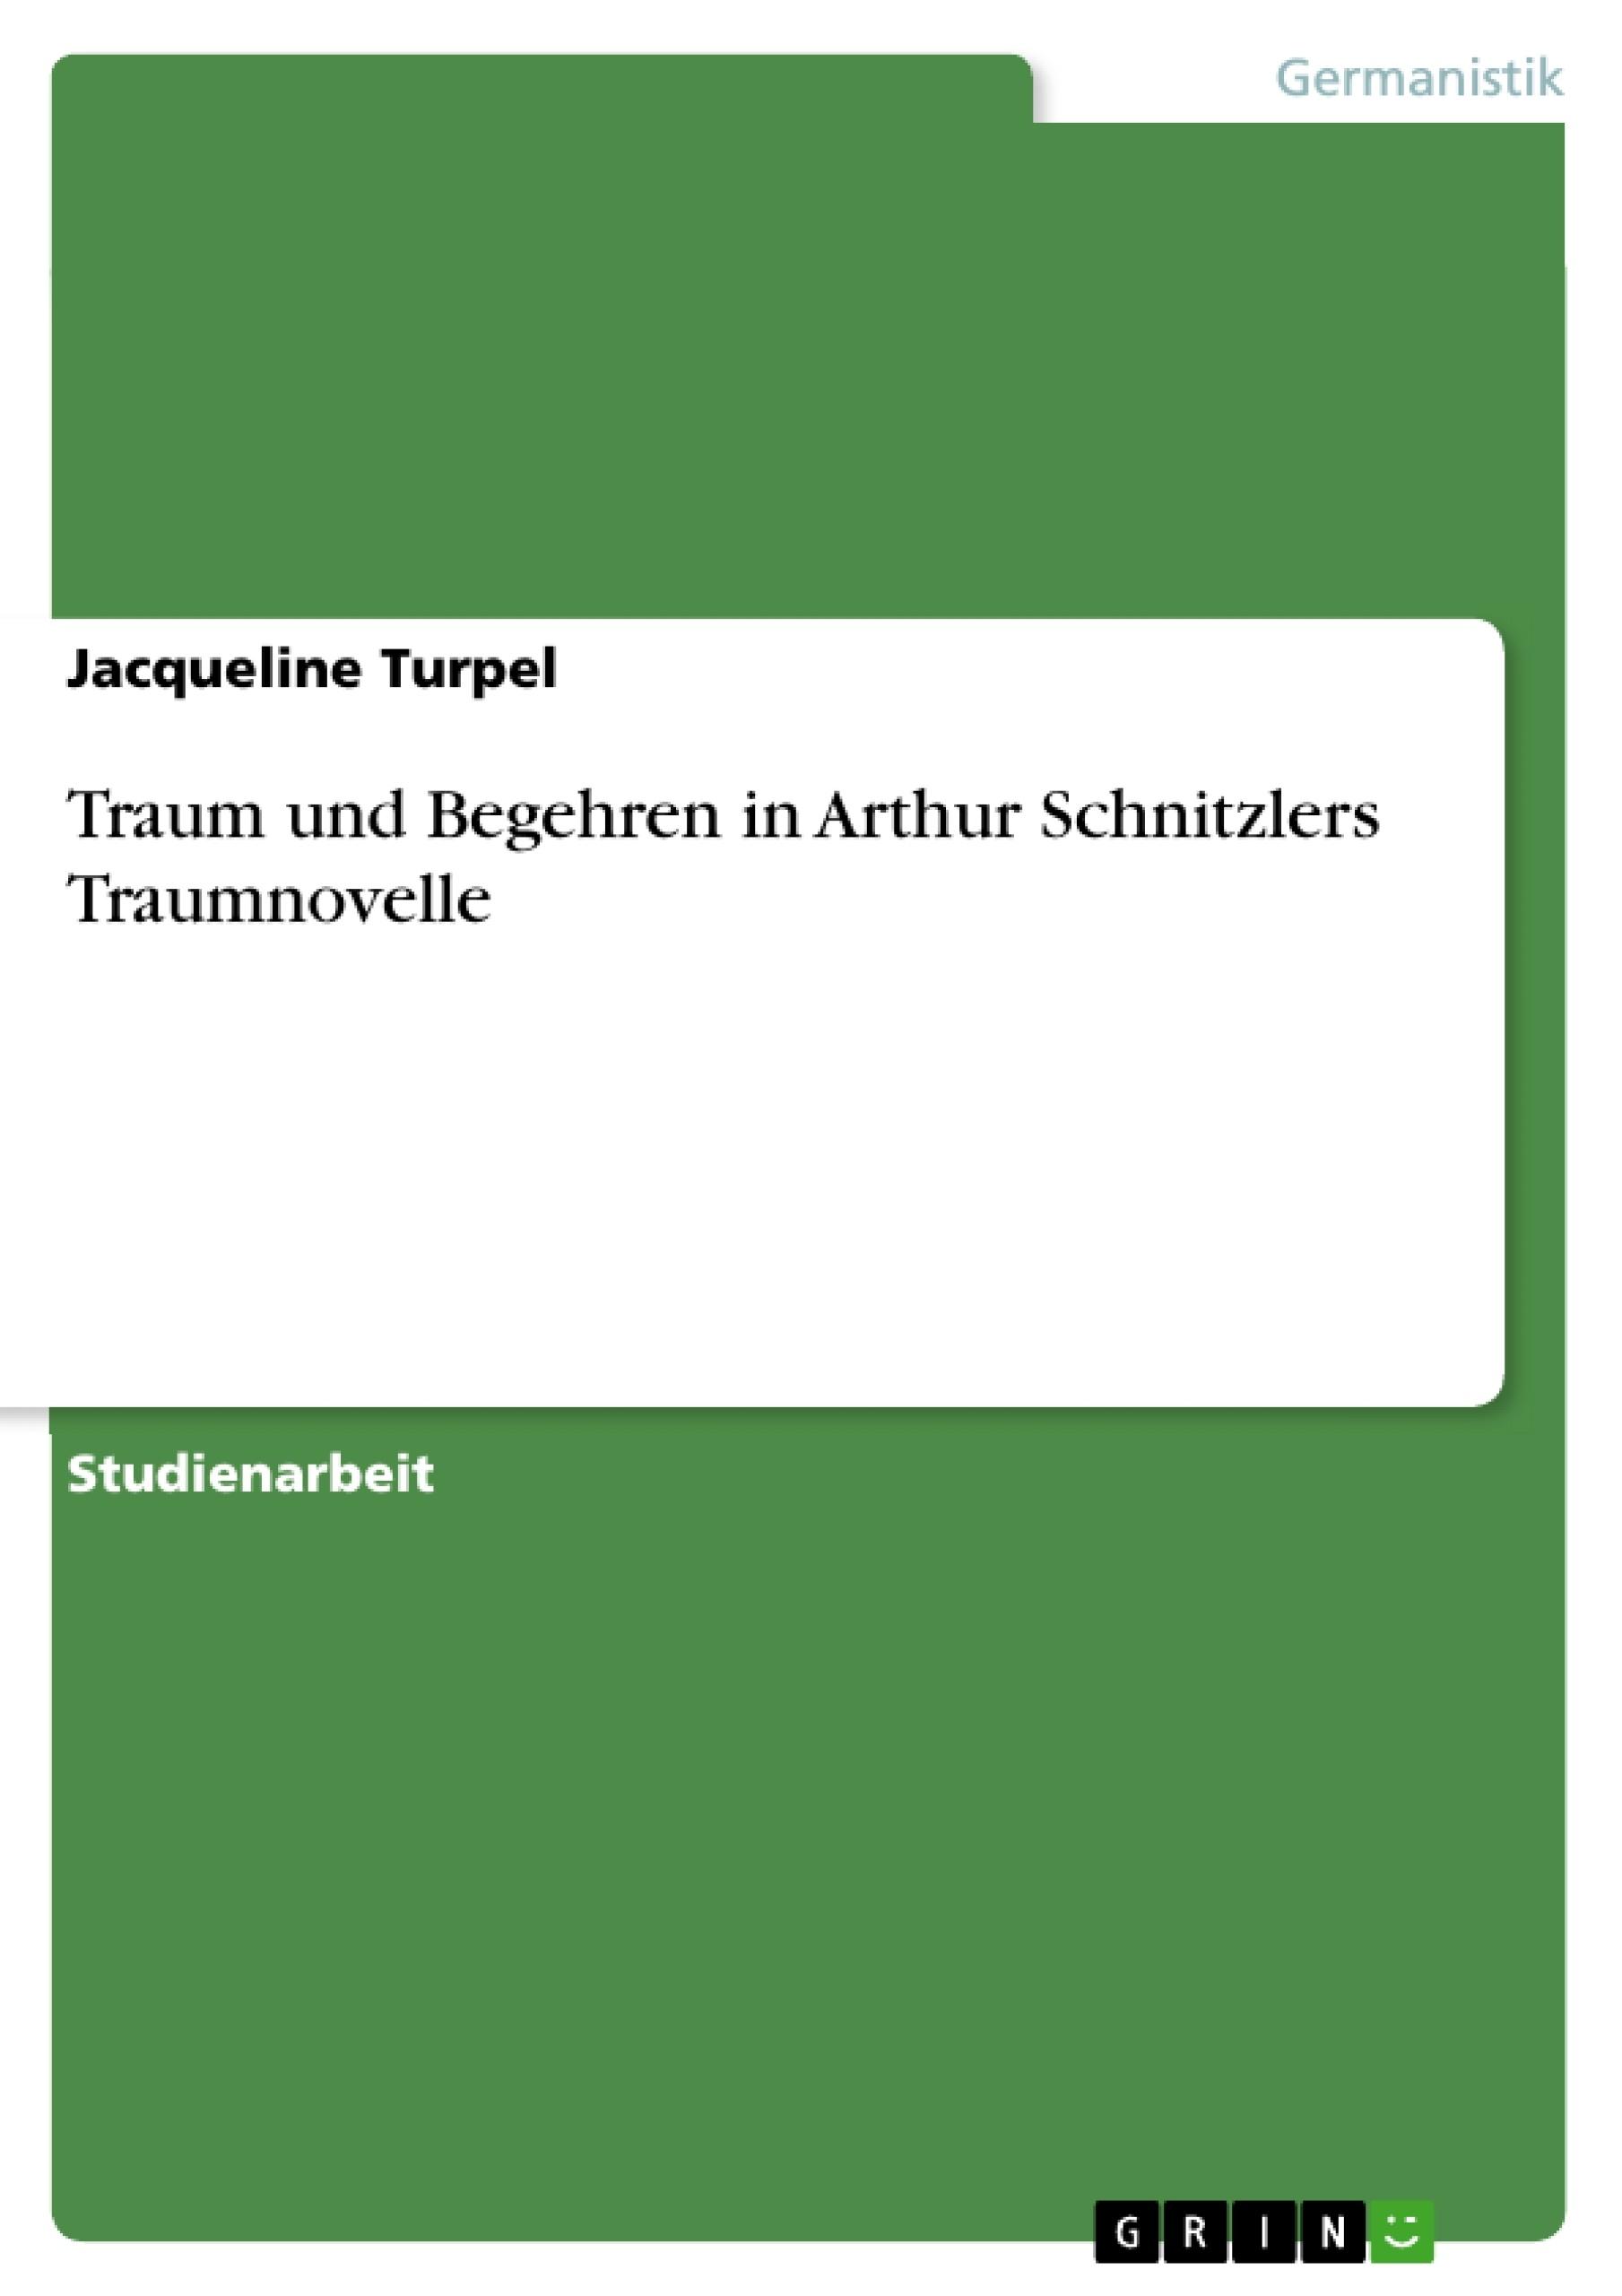 Titel: Traum und Begehren in Arthur Schnitzlers Traumnovelle